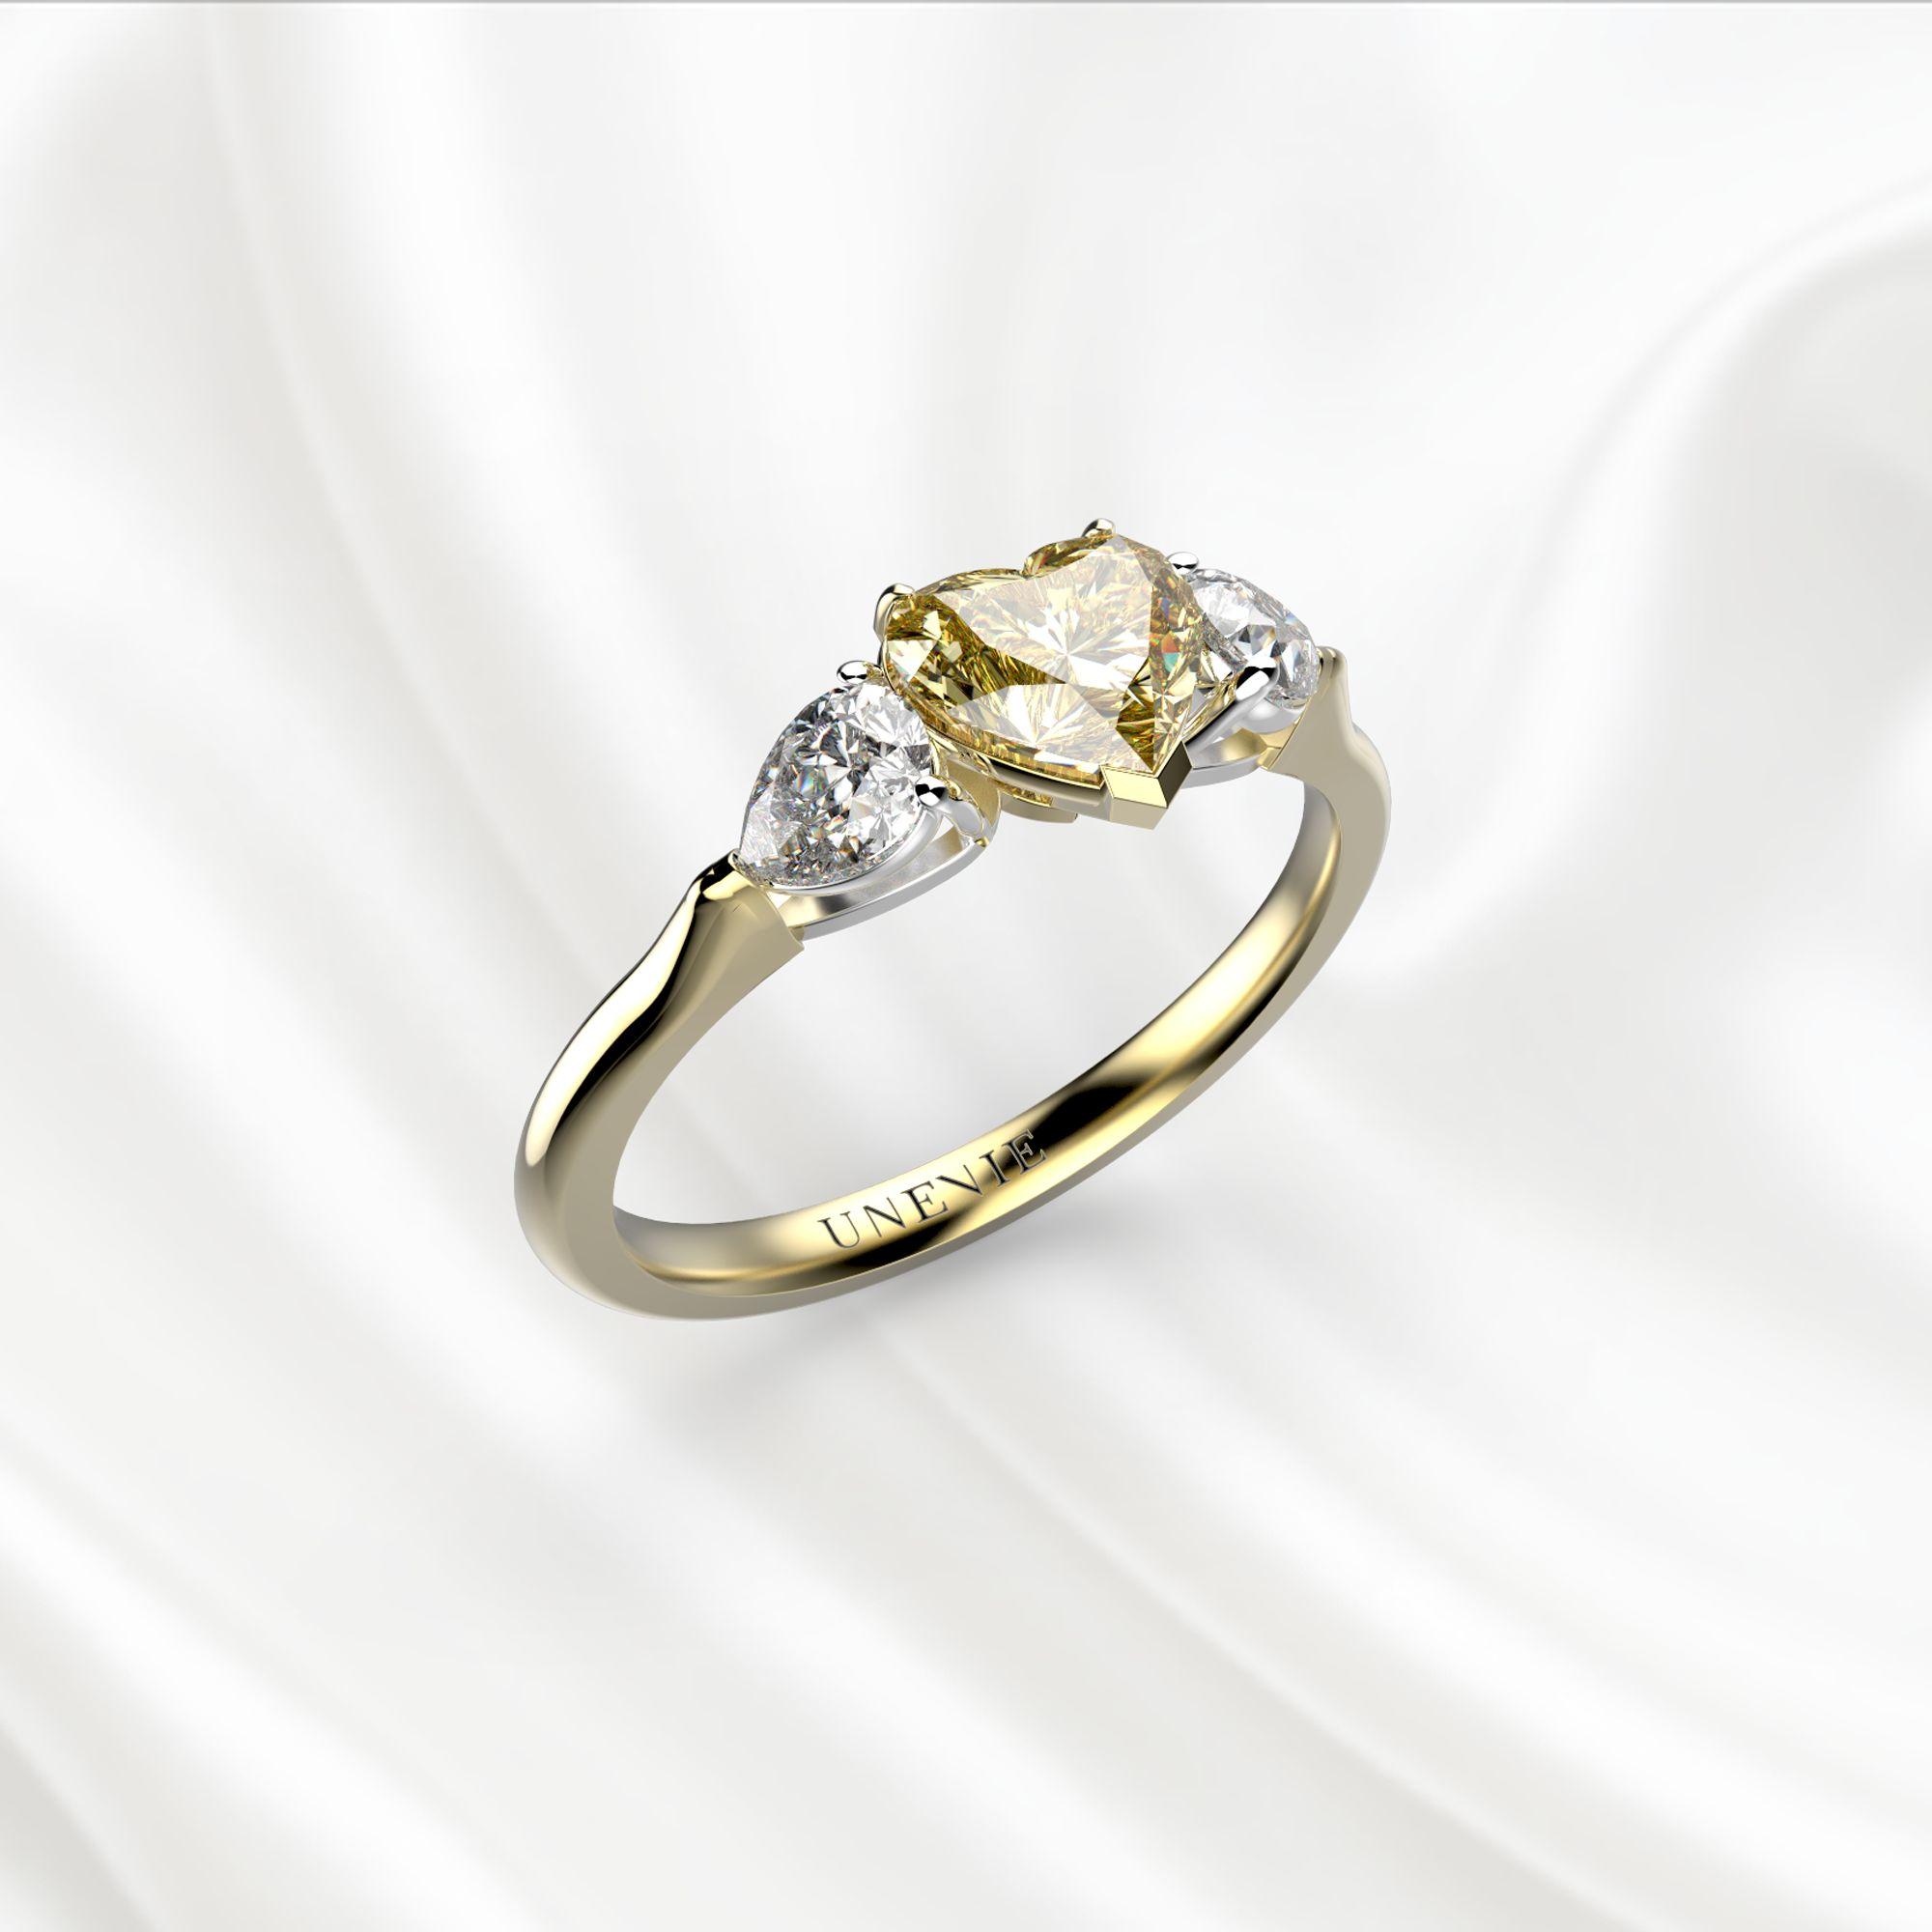 N18 Помолвочное кольцо из золота с желтым бриллиантом 0.5 карат